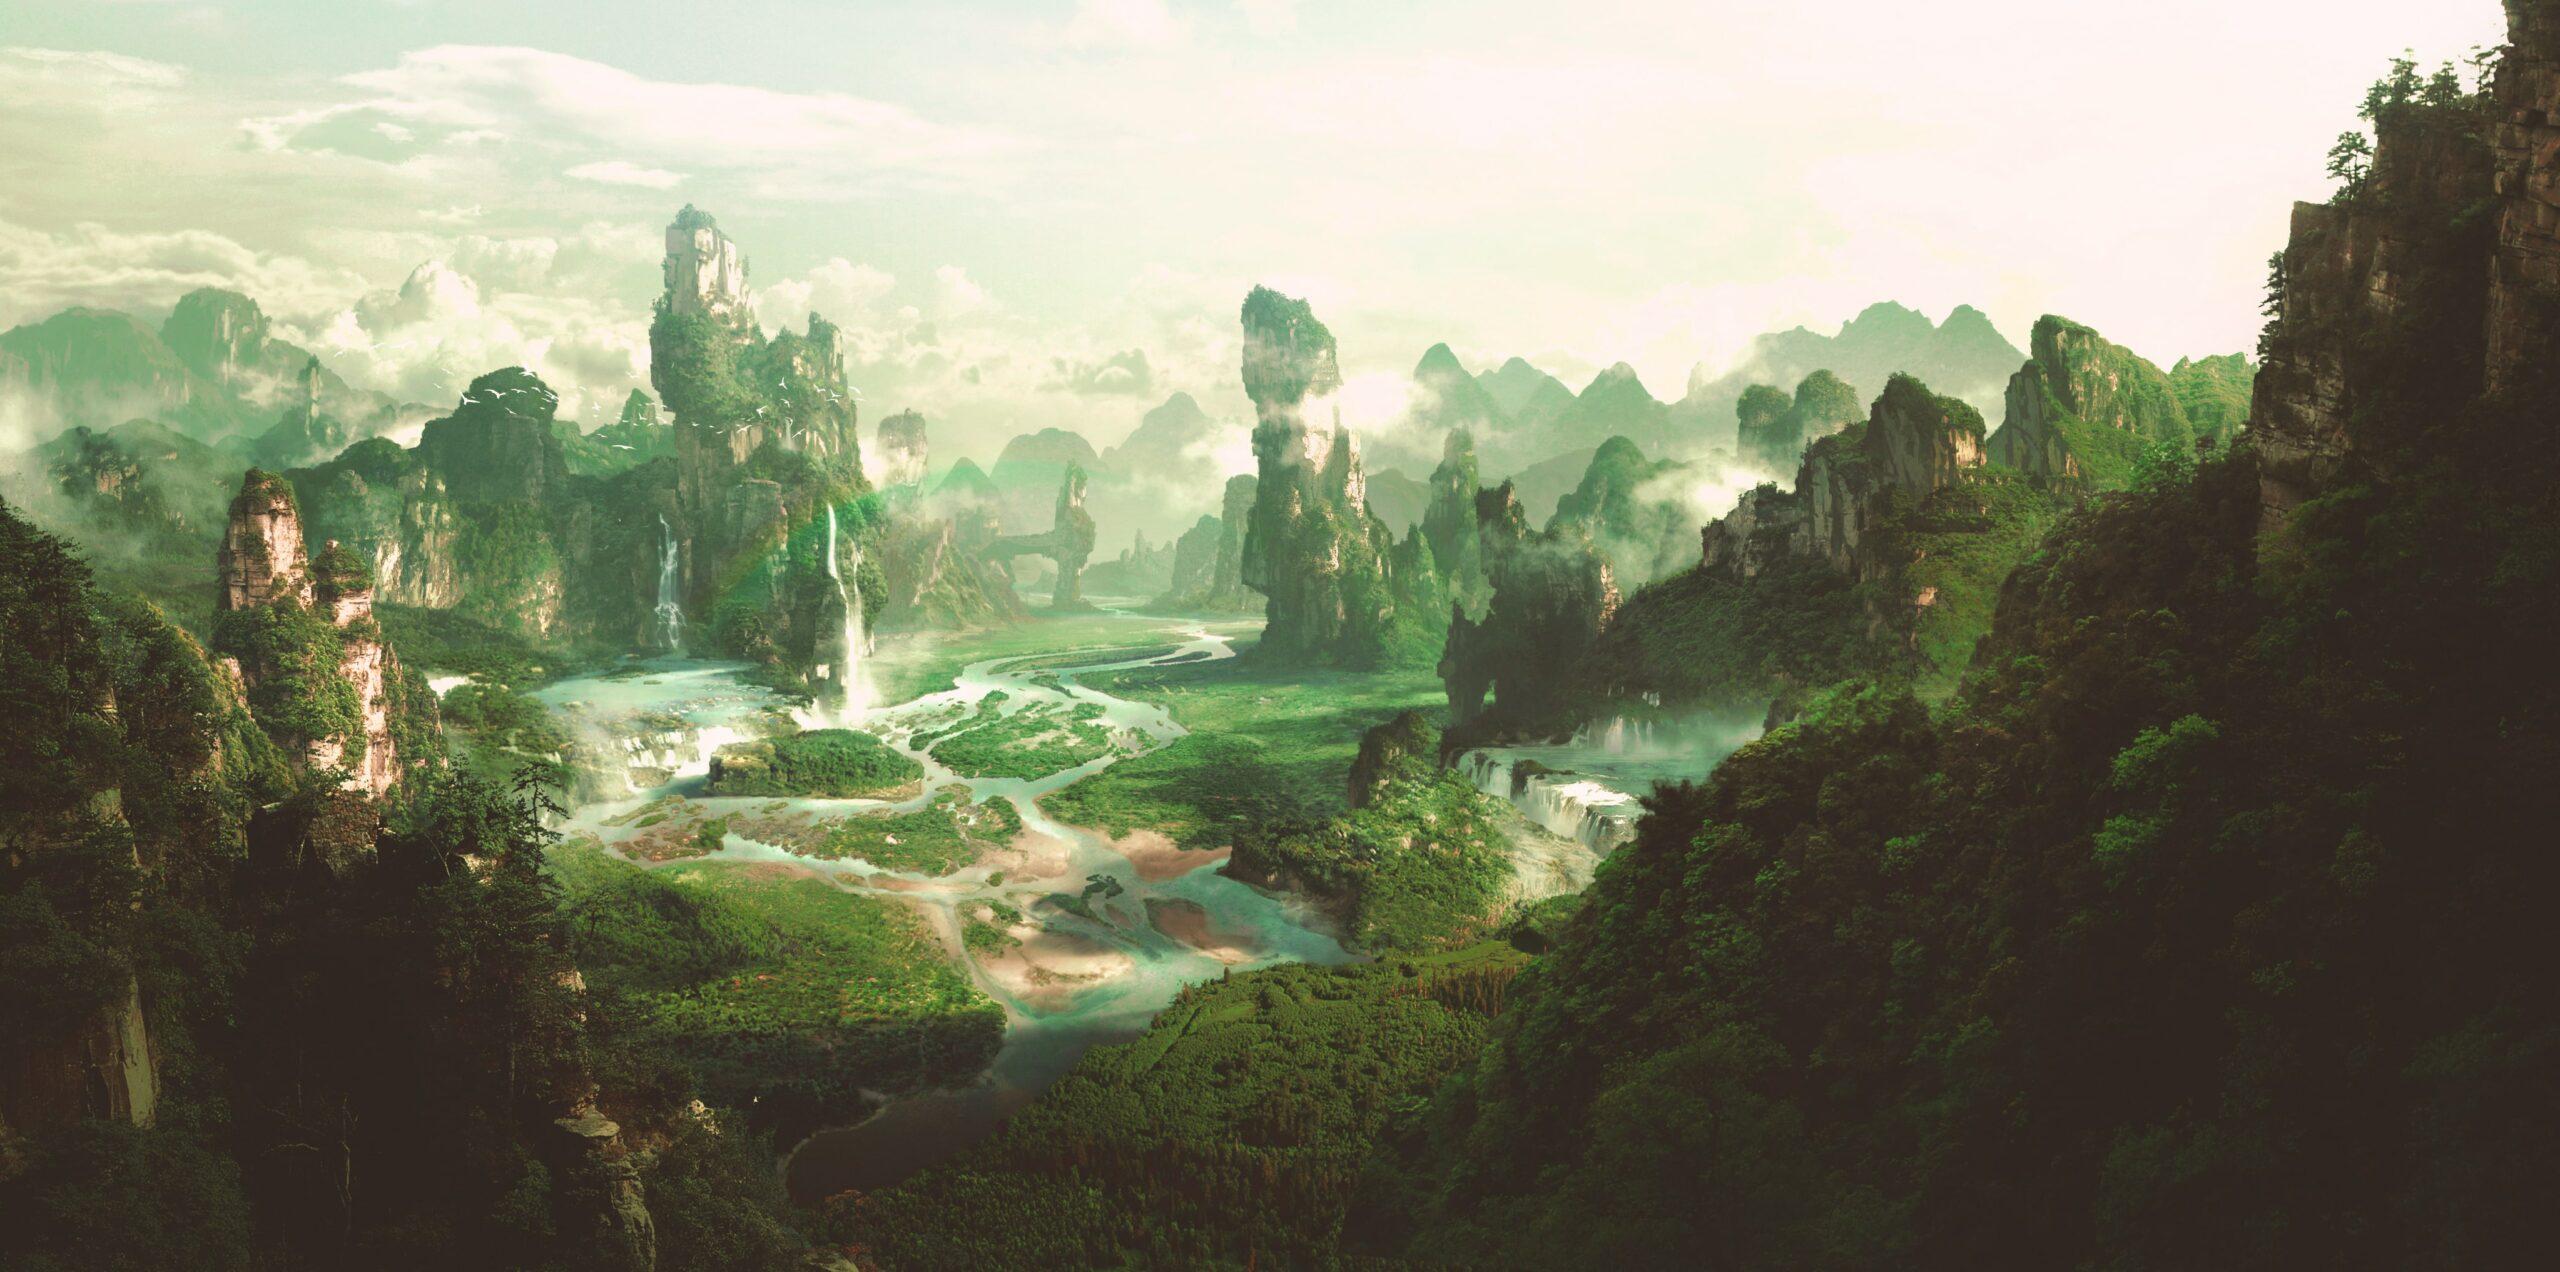 Fantasy looking landscape